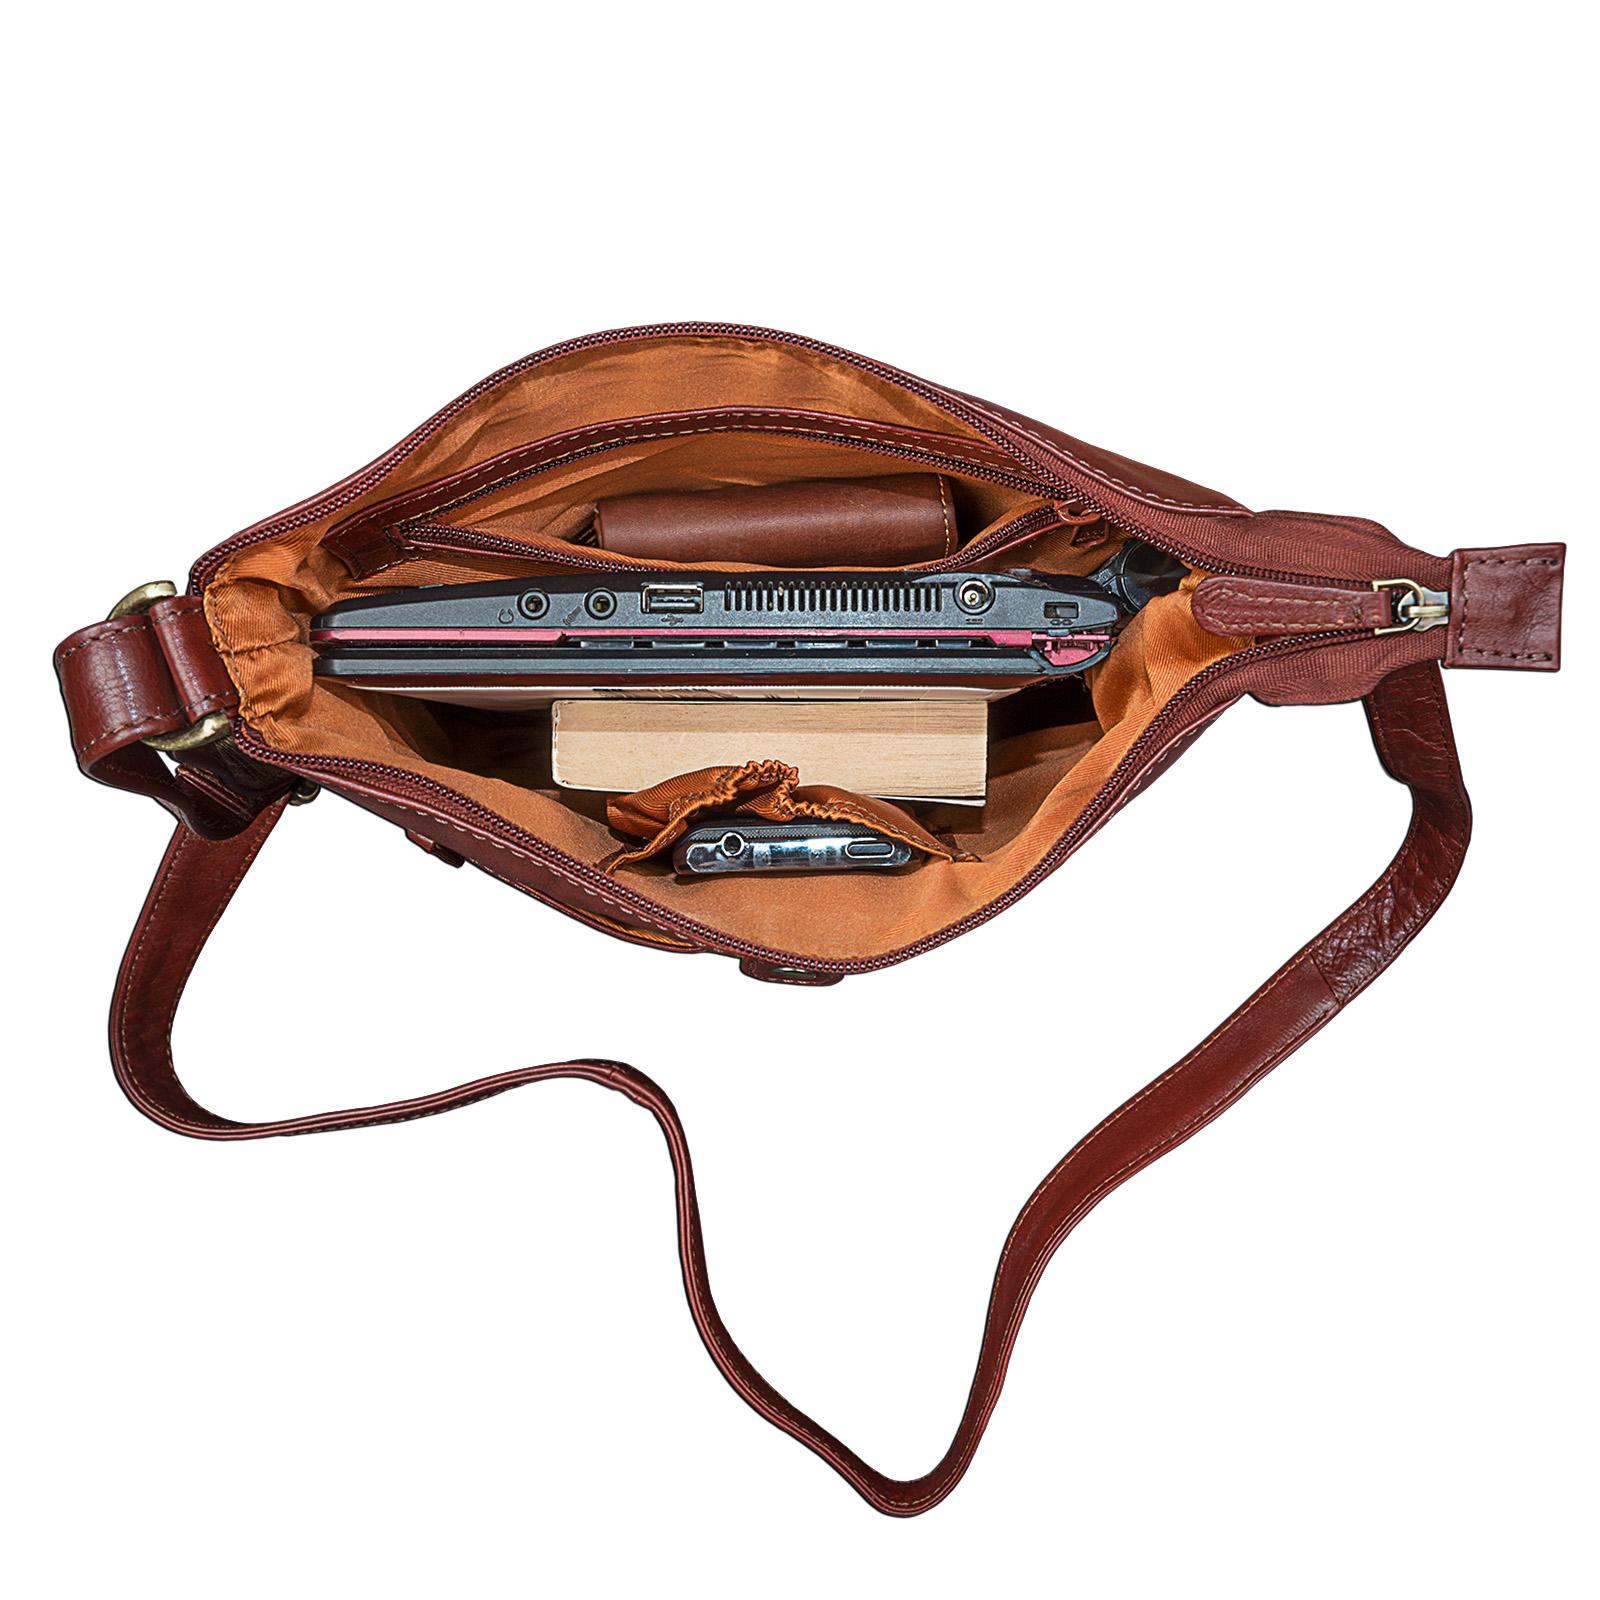 """STILORD """"Lina"""" Elegante Vintage Damen Umhängetasche Schultertasche klein Abendtasche klassische Handtasche 10.1 Zoll Tablettasche echtes Leder - Bild 4"""